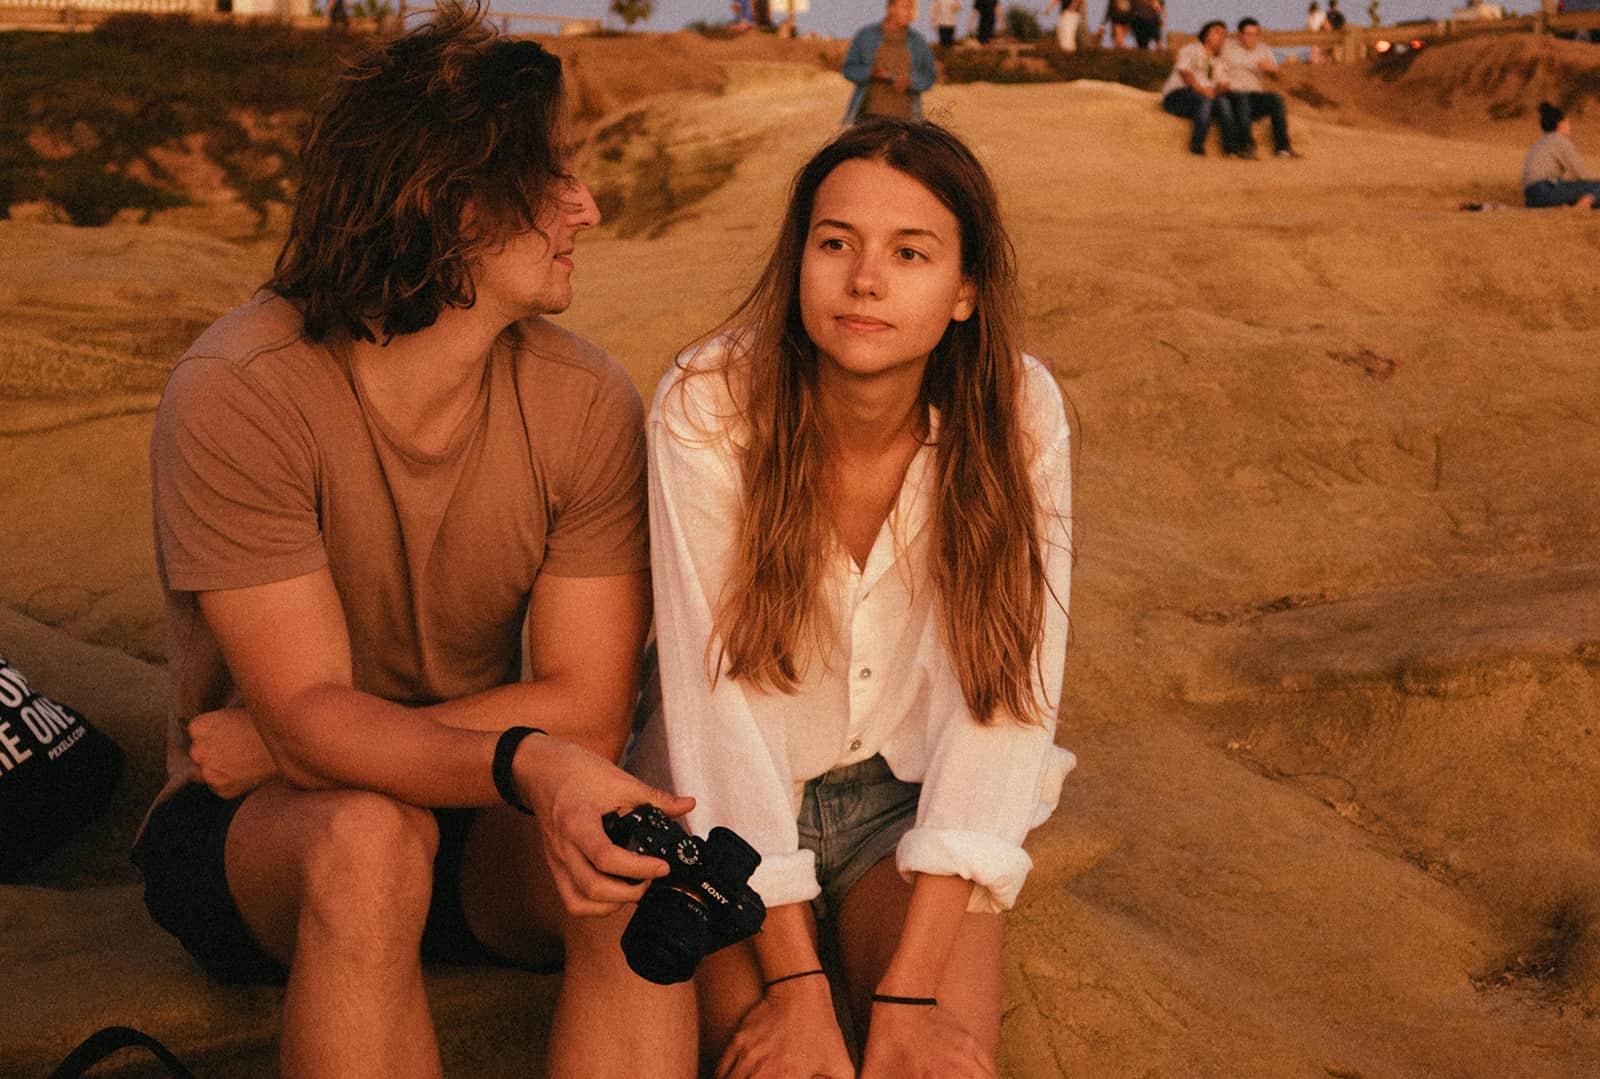 eine ernste Frau sitzt auf einem Felsen mit einem Mann, der sie ansieht